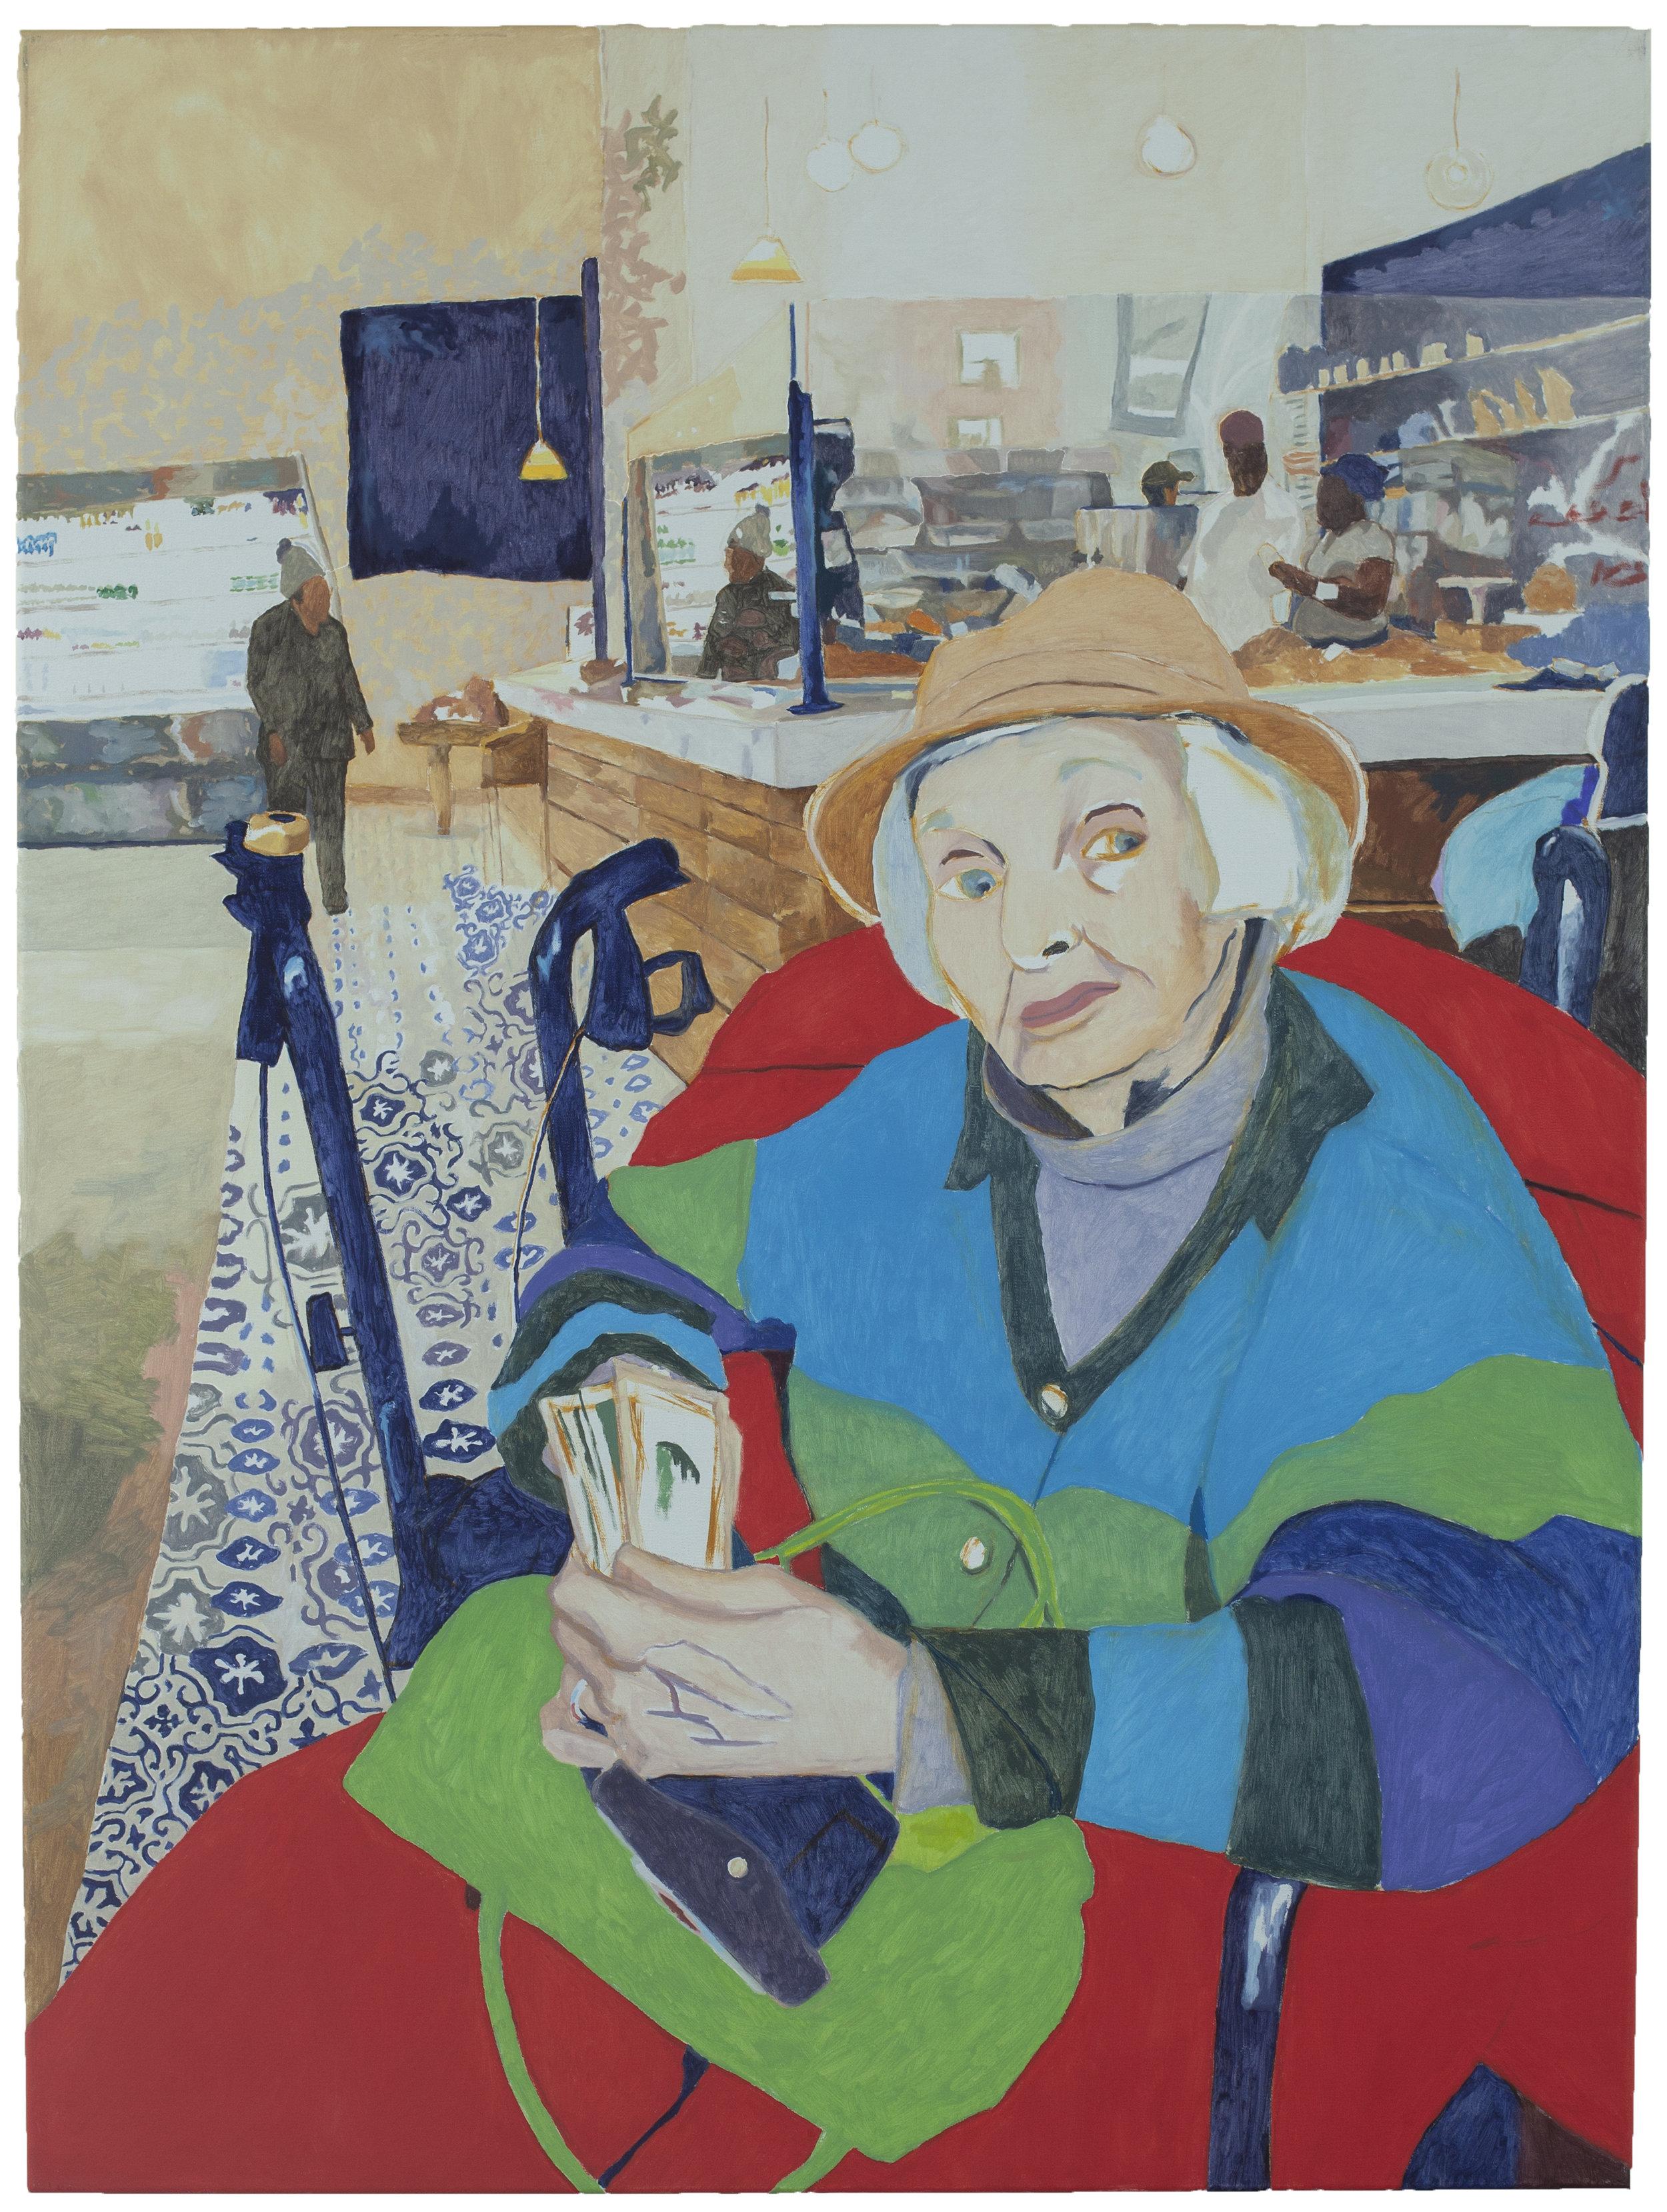 Grandma at the Cafe